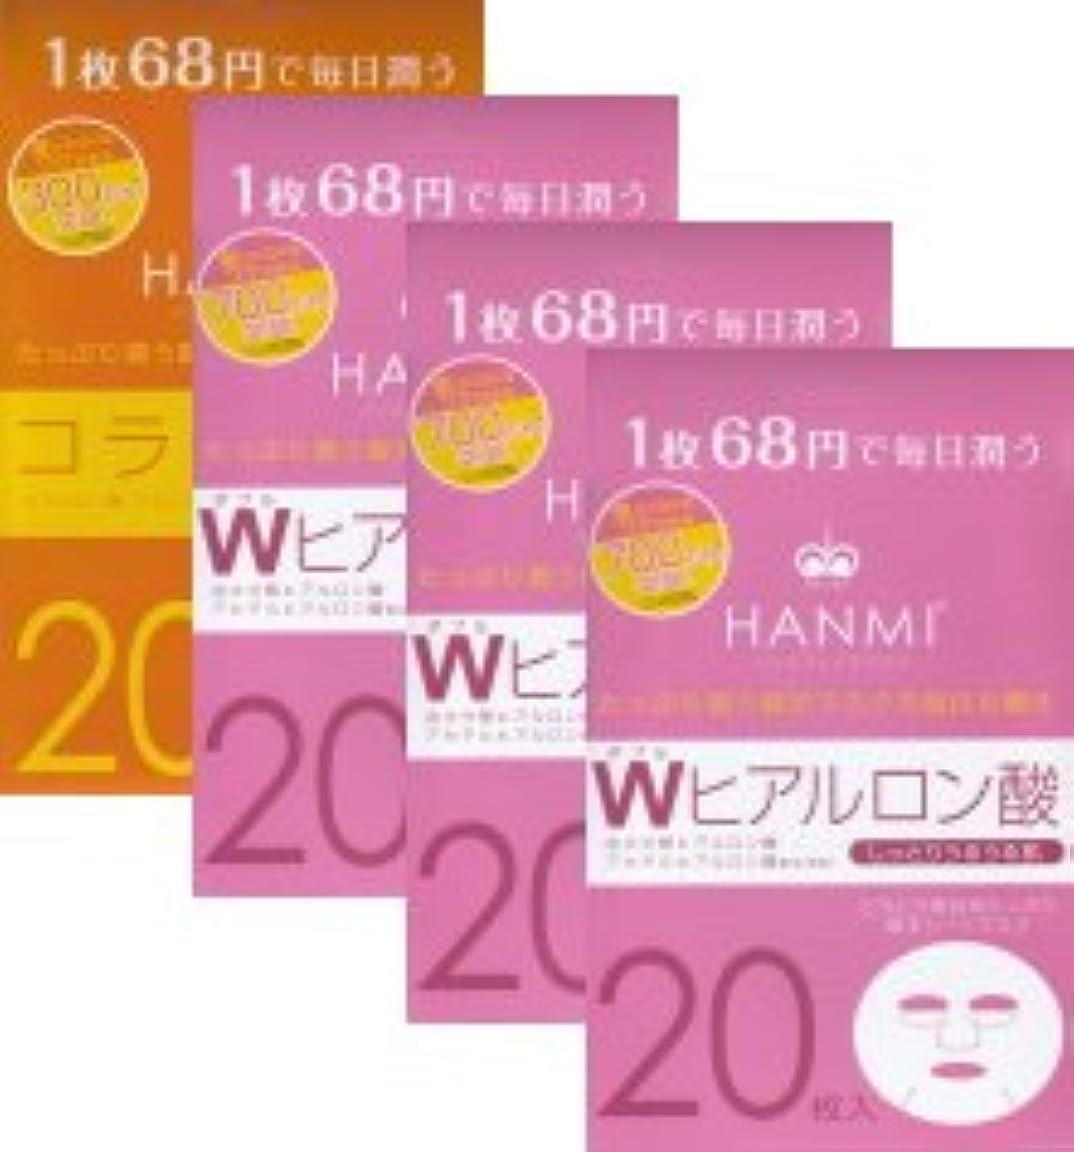 黒人破壊的リップMIGAKI ハンミフェイスマスク(20枚入り)「コラーゲン×1個」「Wヒアルロン酸×3個」の4個セット